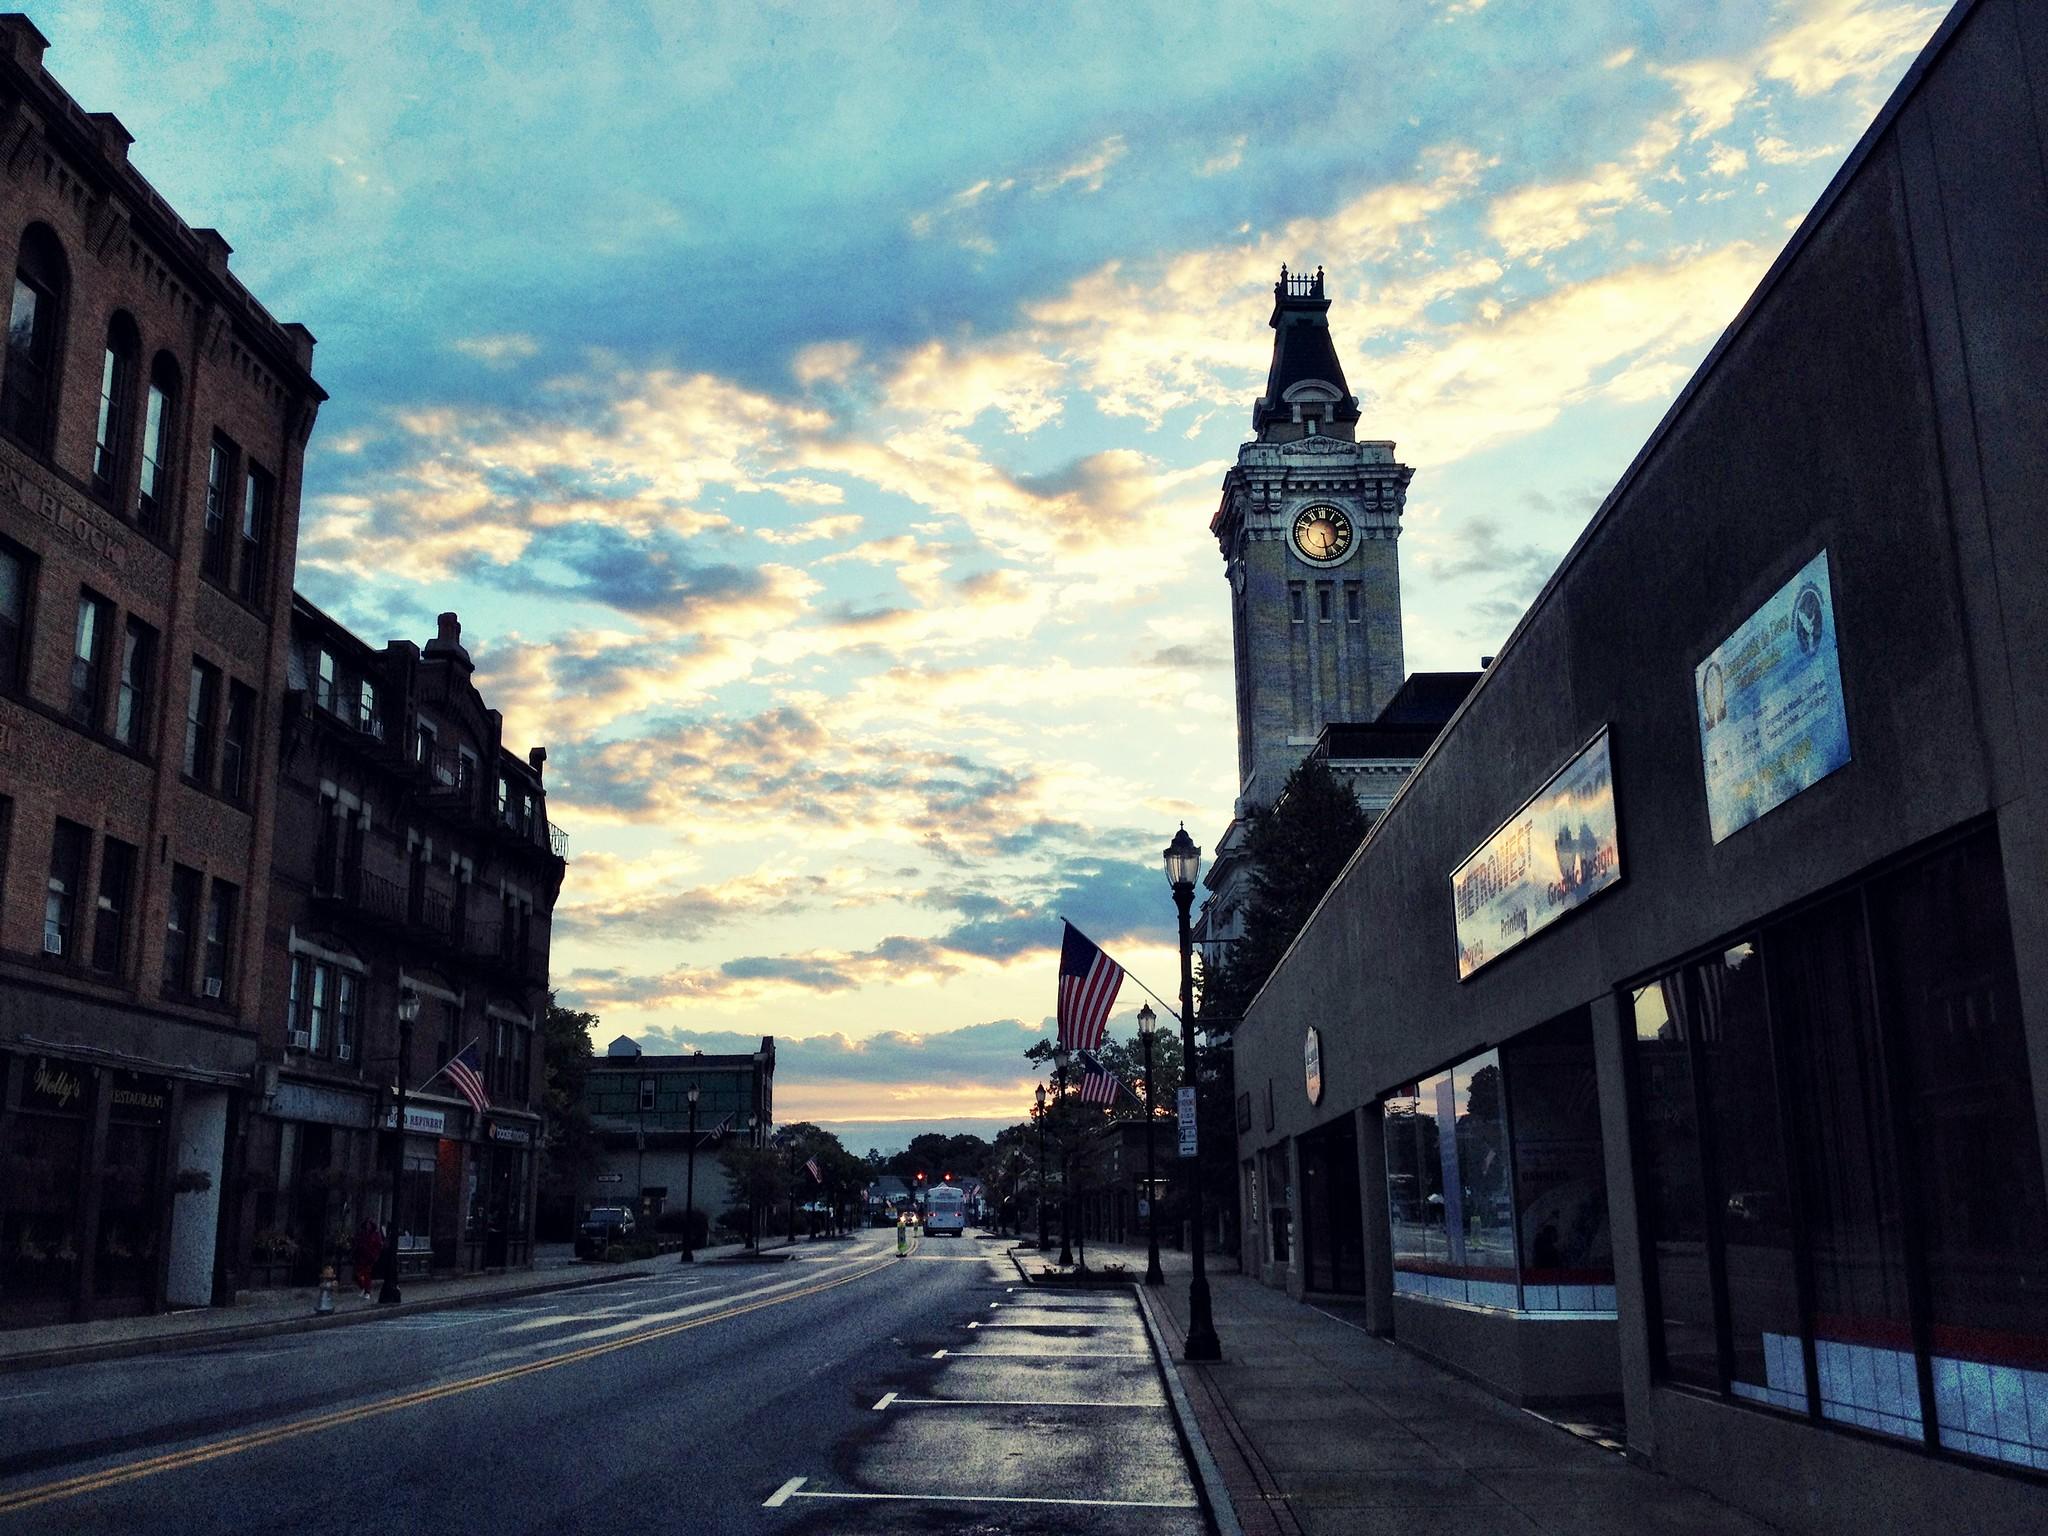 sunrise on main street